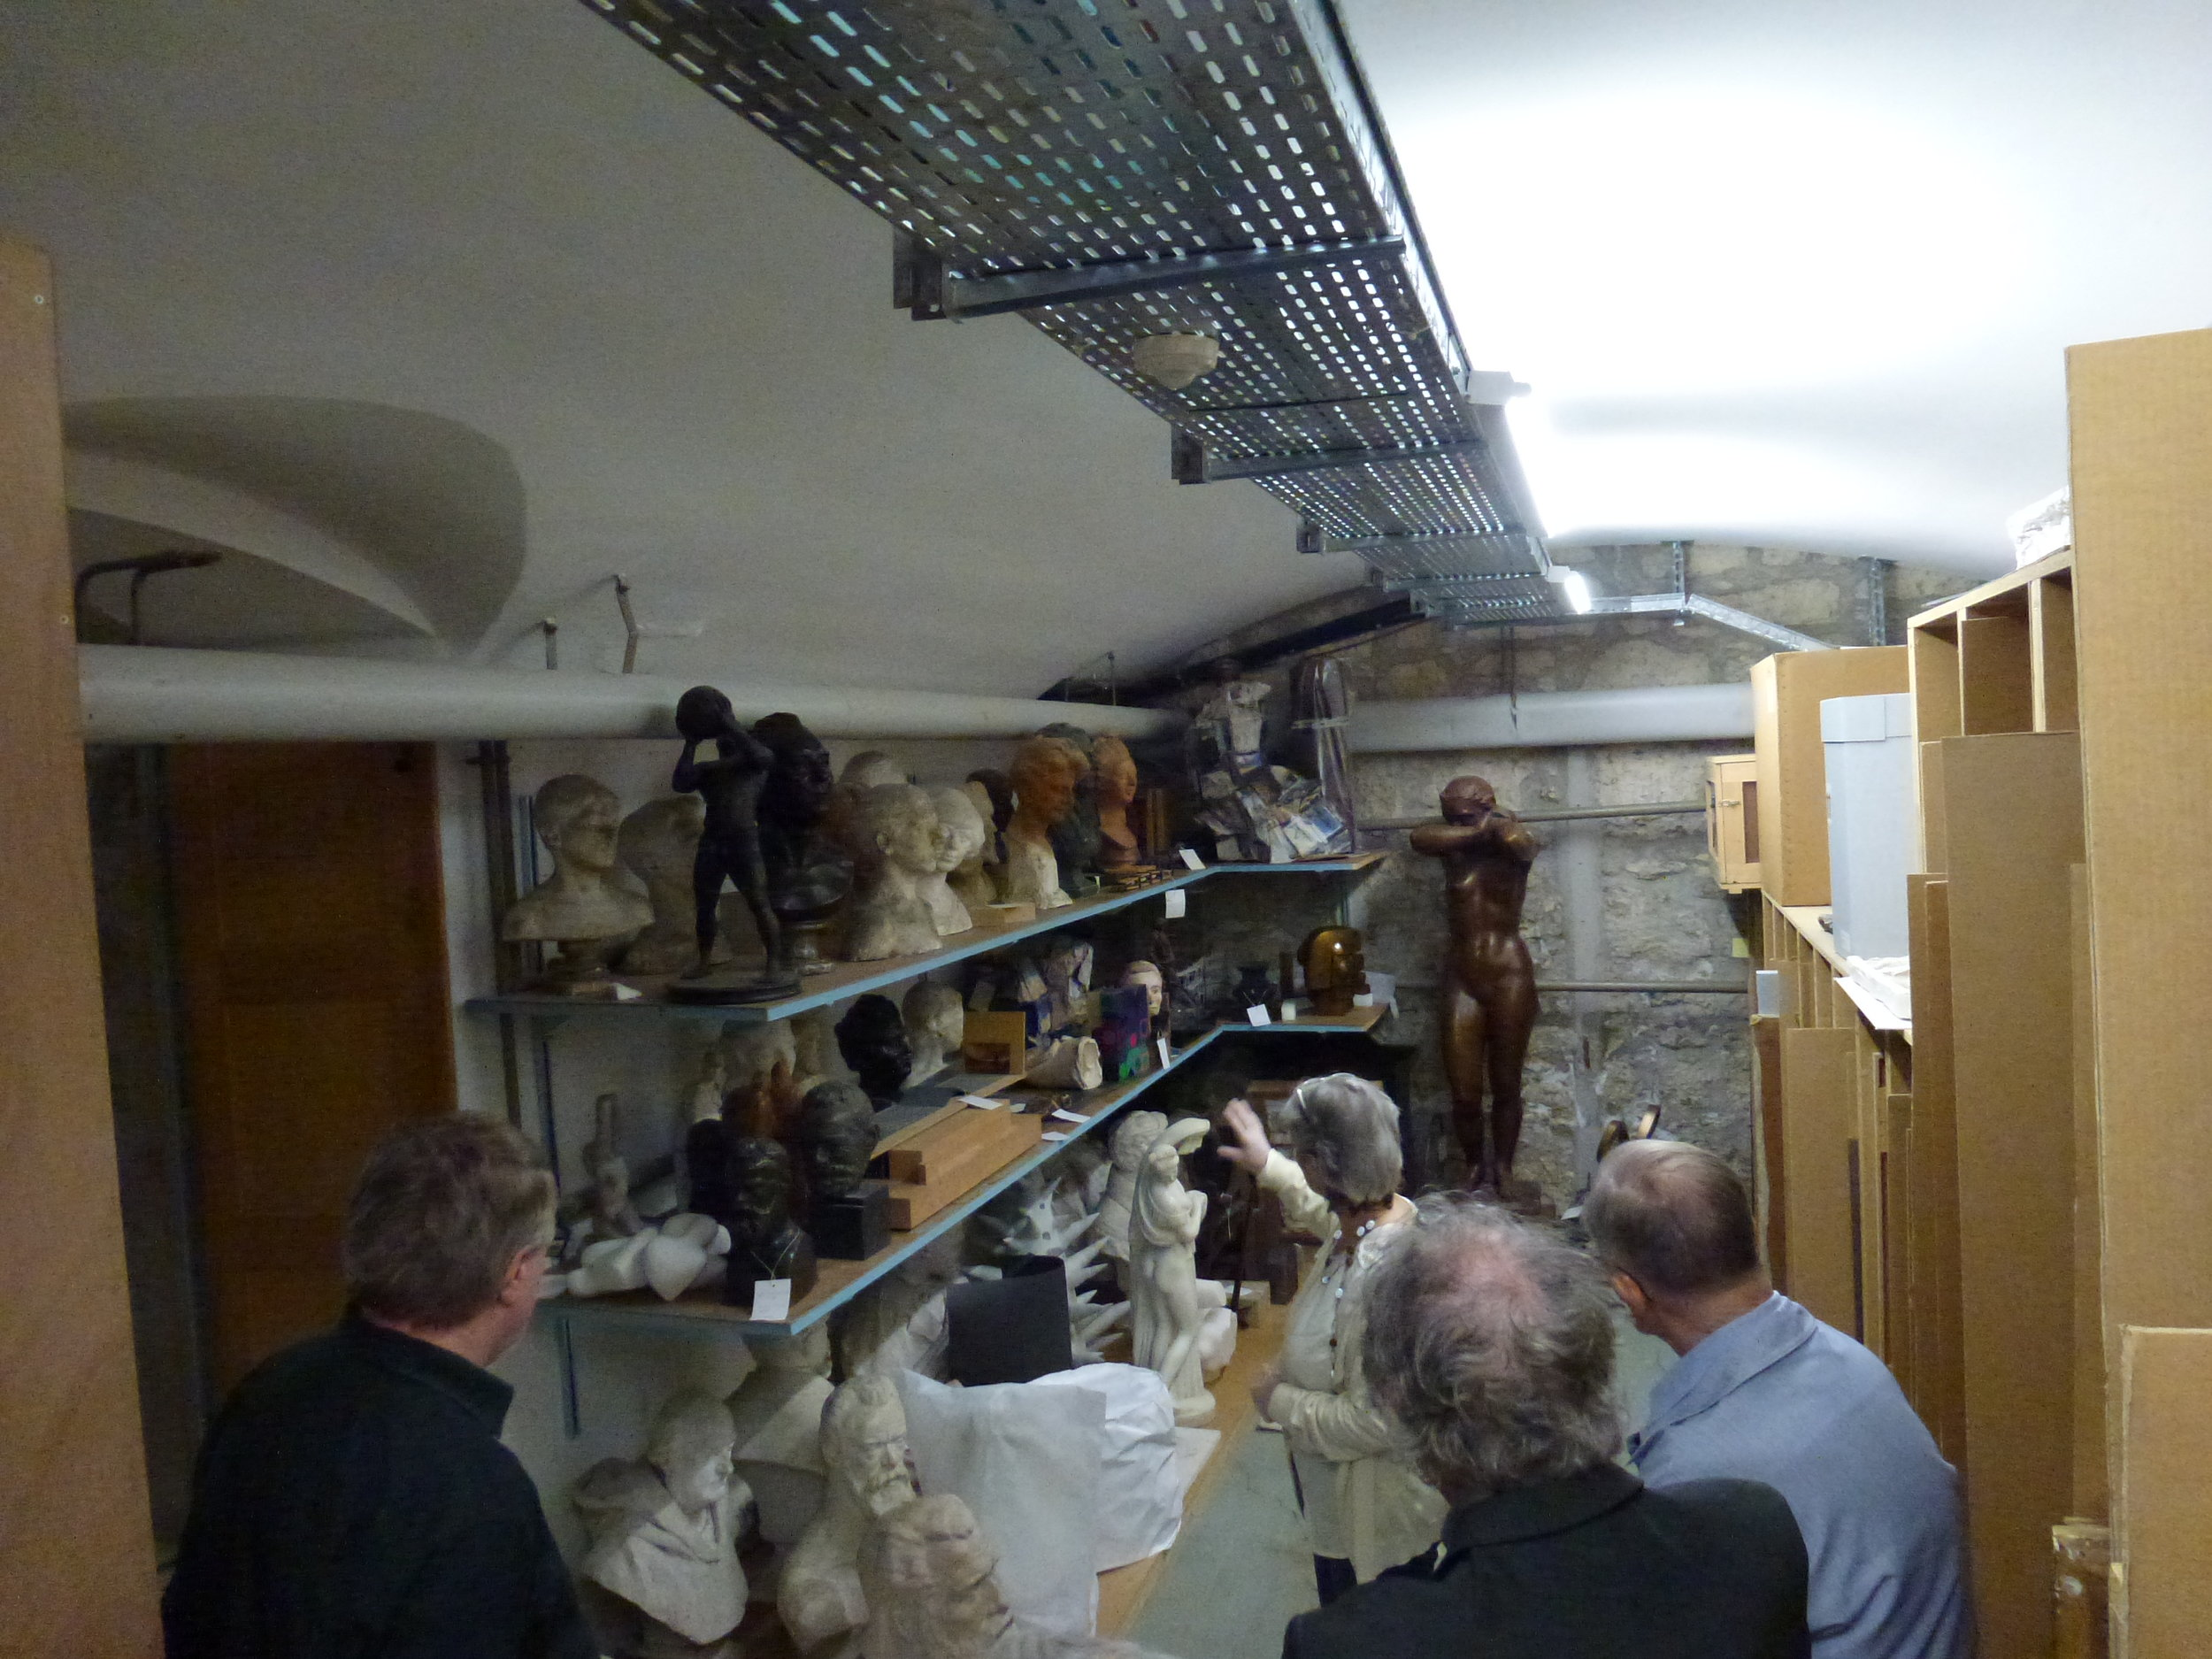 Bustes et autres sculptures, entassés dans un angle mort du sous-sol